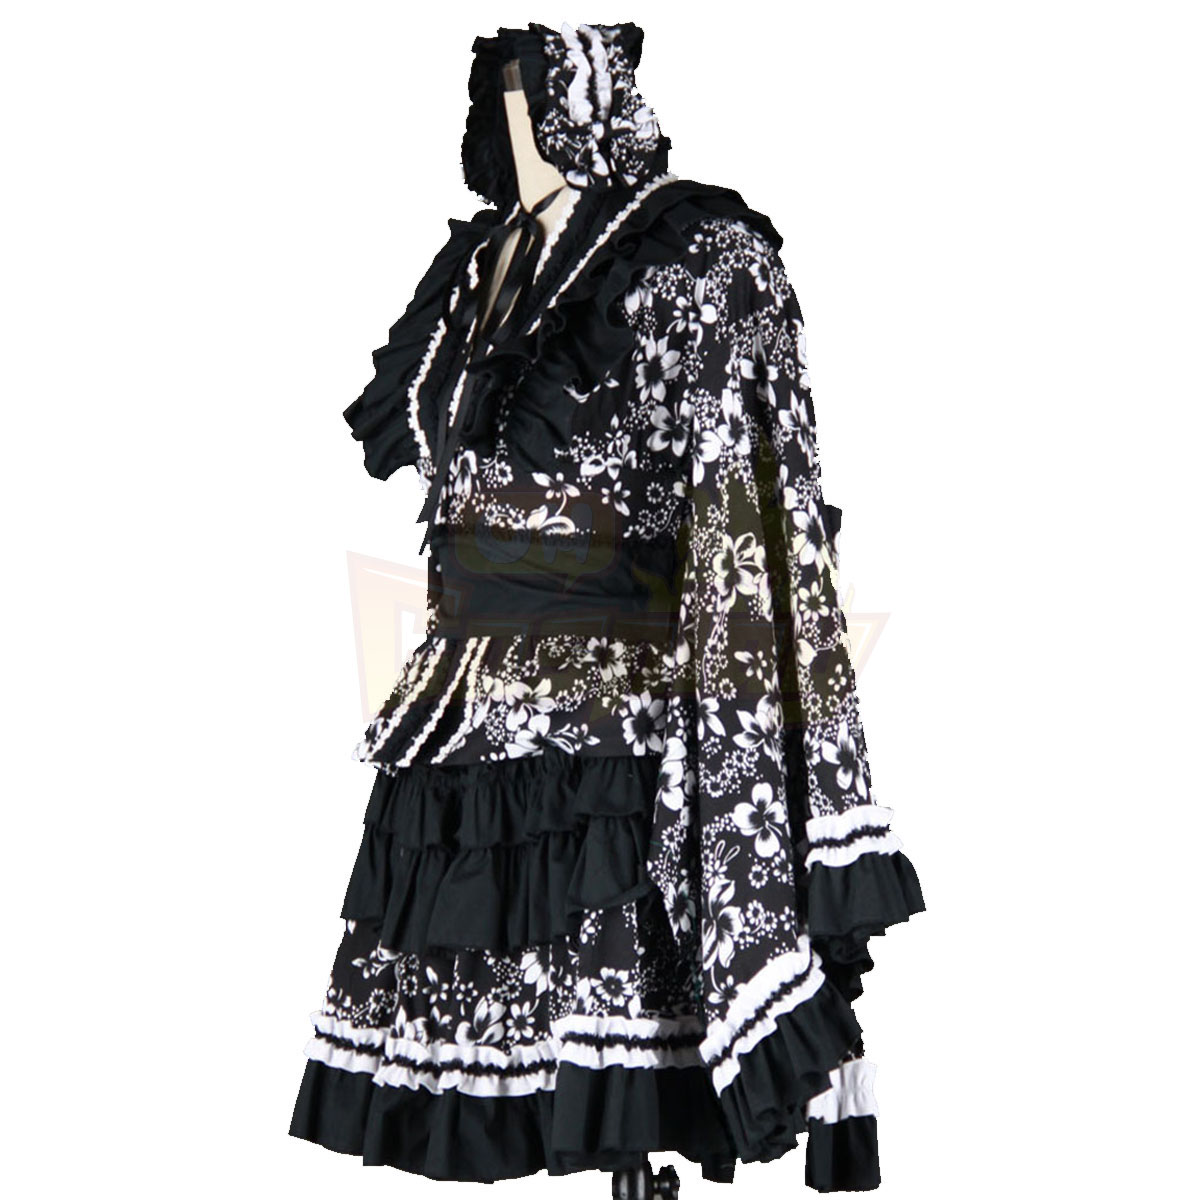 호화로운 로리타 문화 검은 의류 드레스 기모노 코스프레 의상